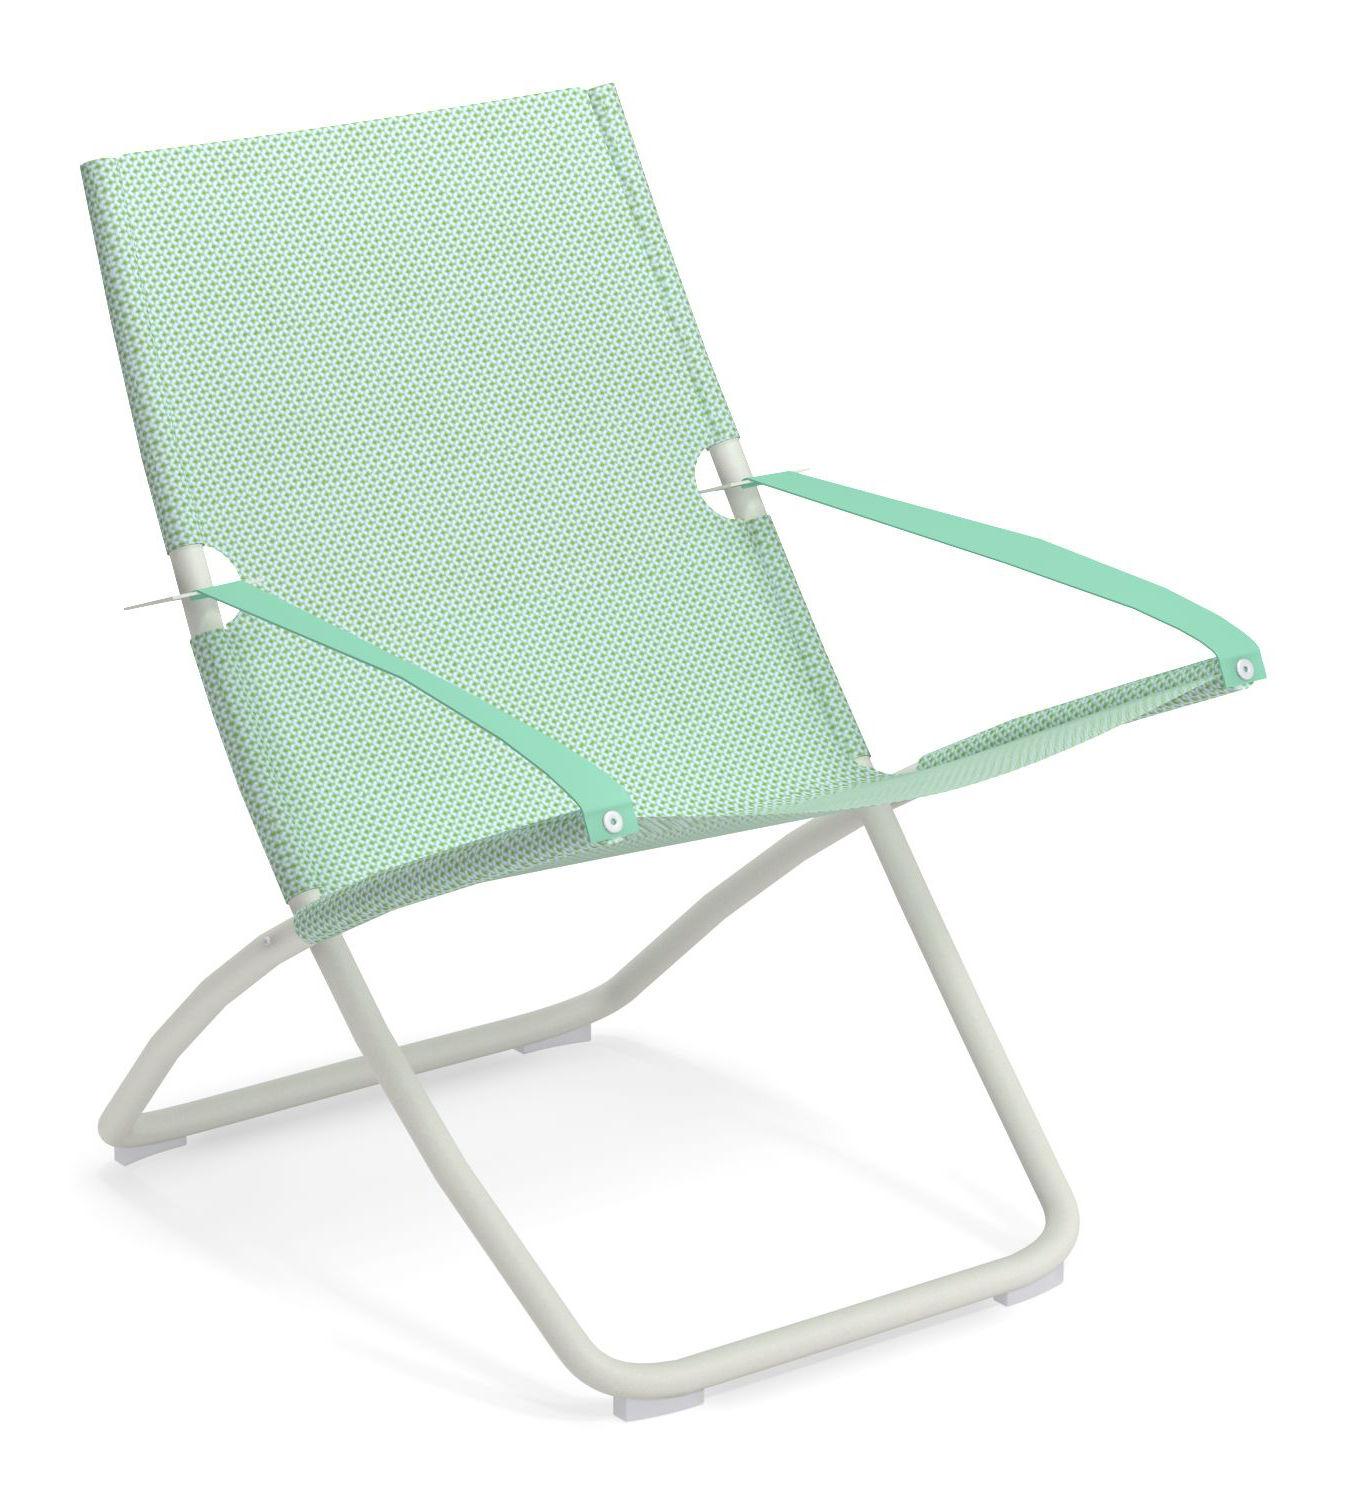 Outdoor - Chaises longues et hamacs - Chaise longue Snooze / Pliable - 2 positions - Emu - Citronnelle / Structure blanche - Acier verni, Tissu technique